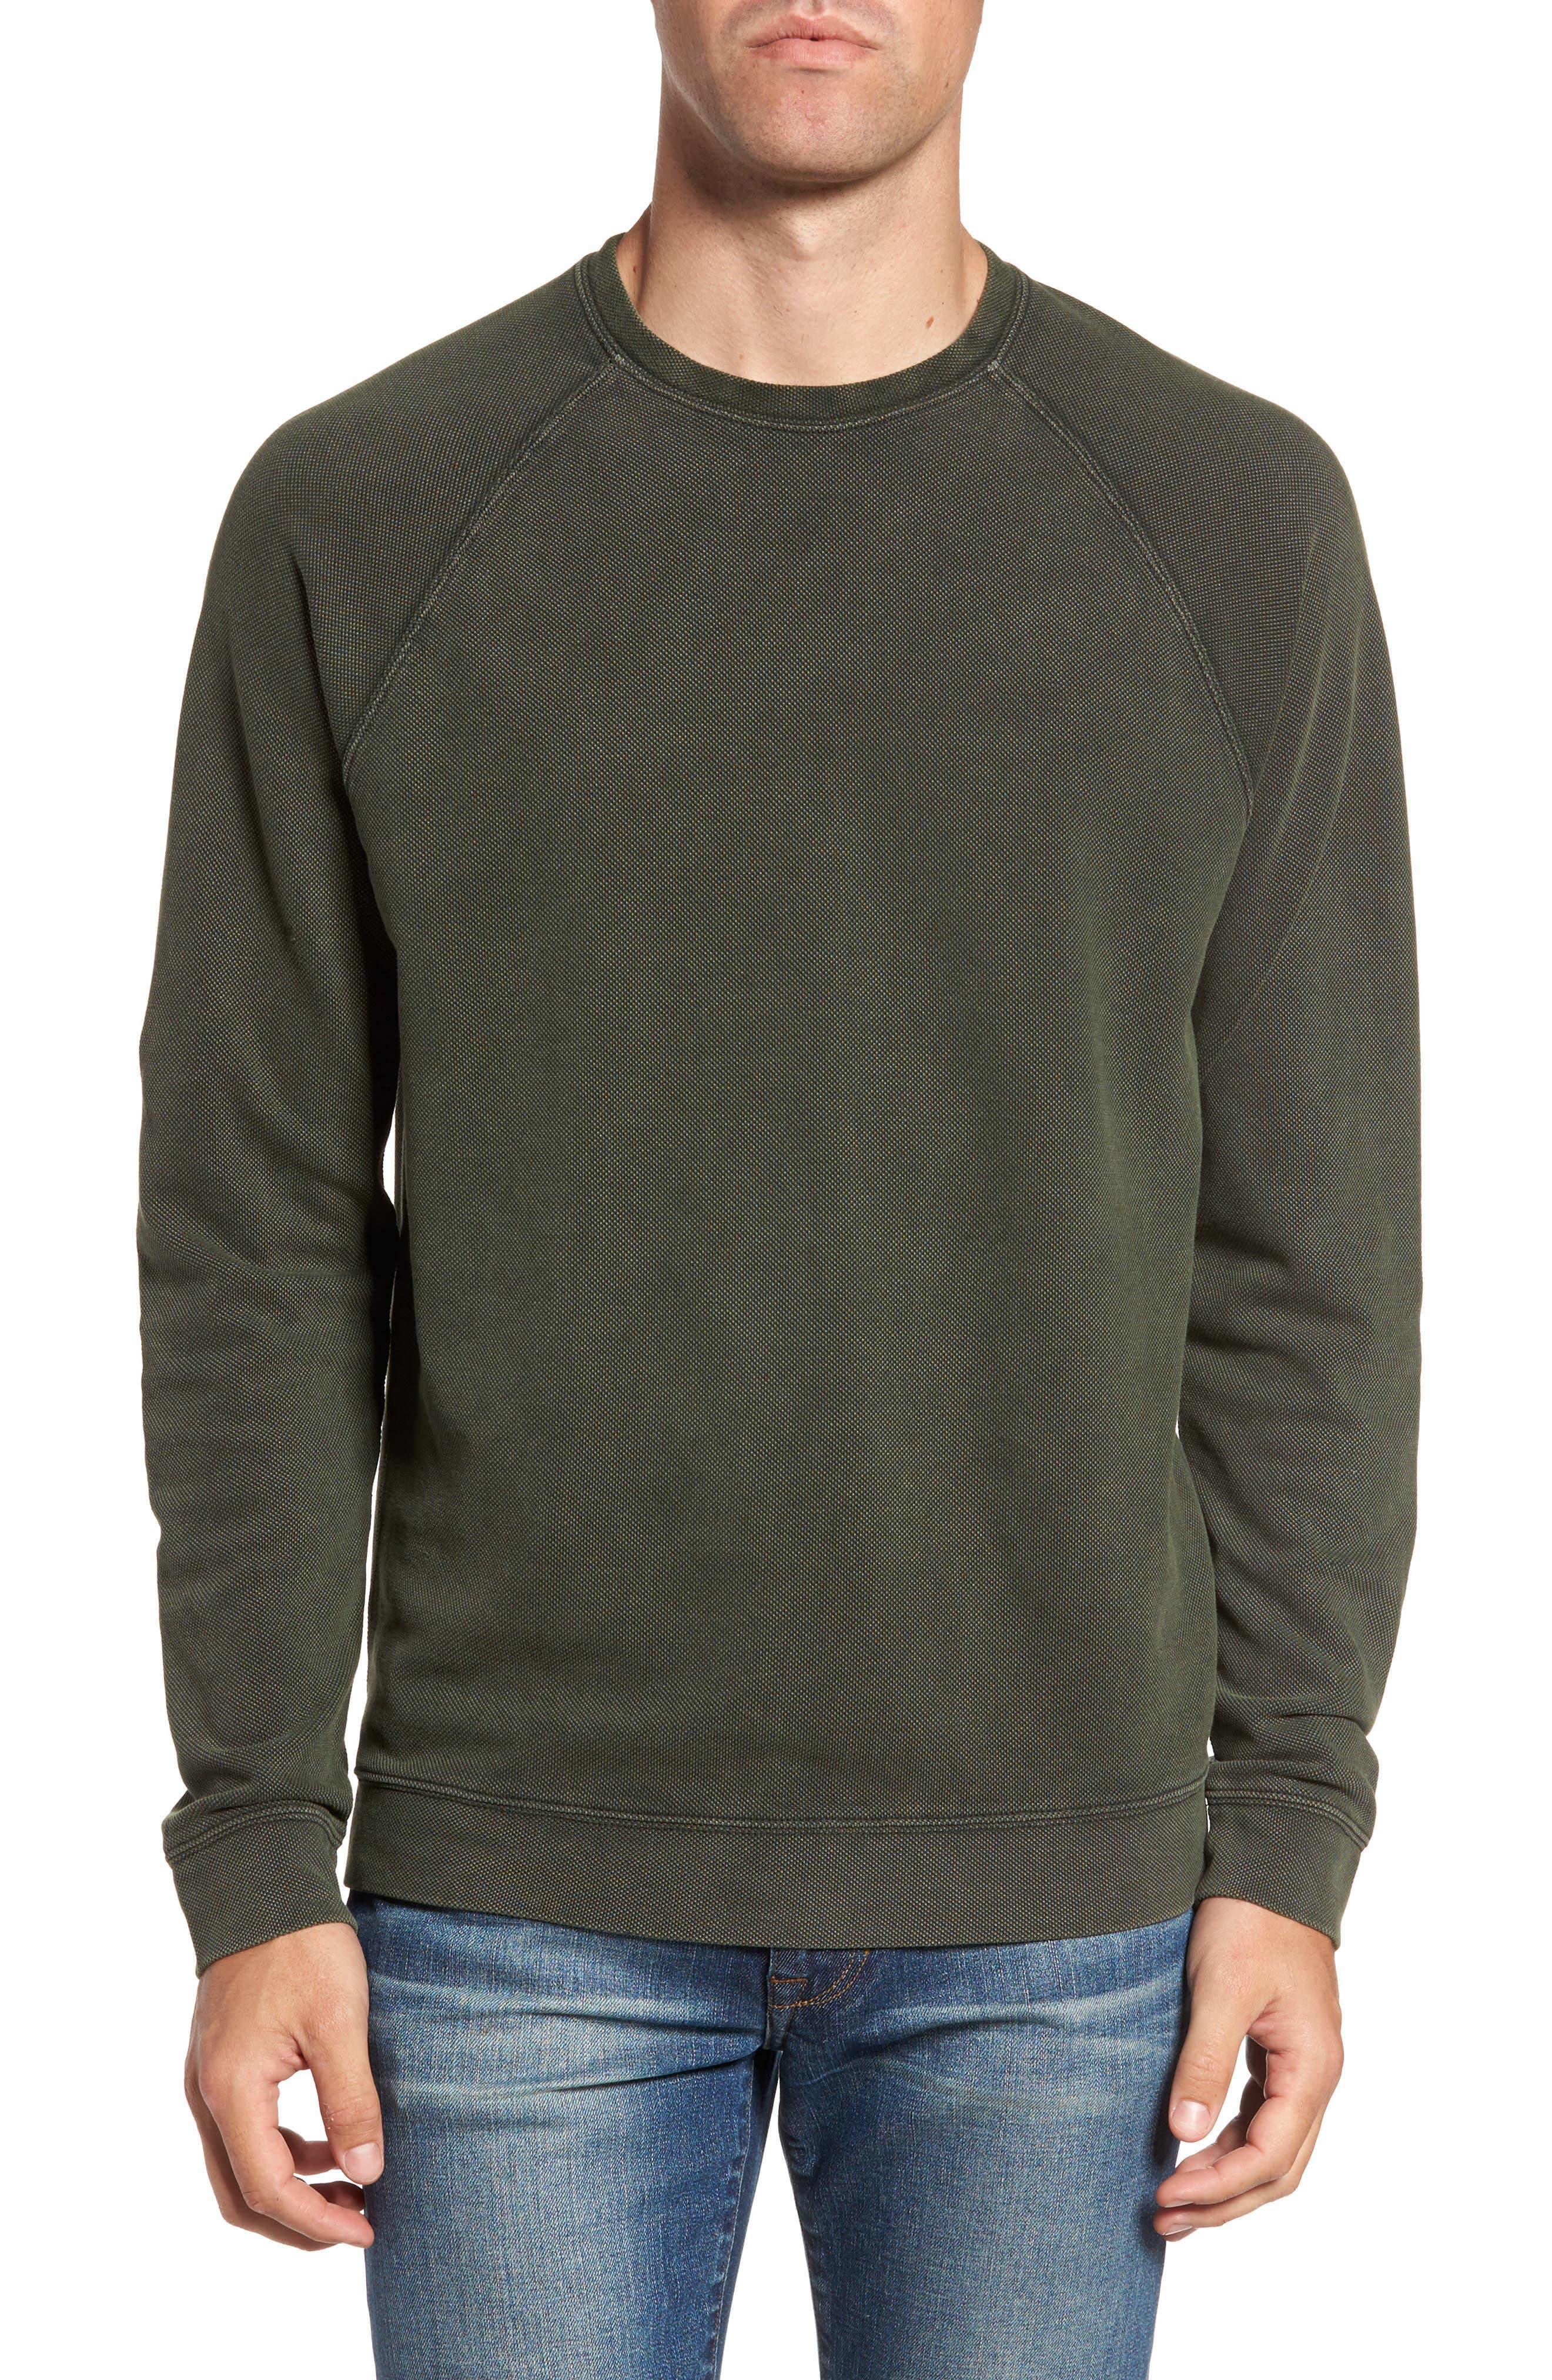 Nordstrom Men's Shop Piqué Sweatshirt